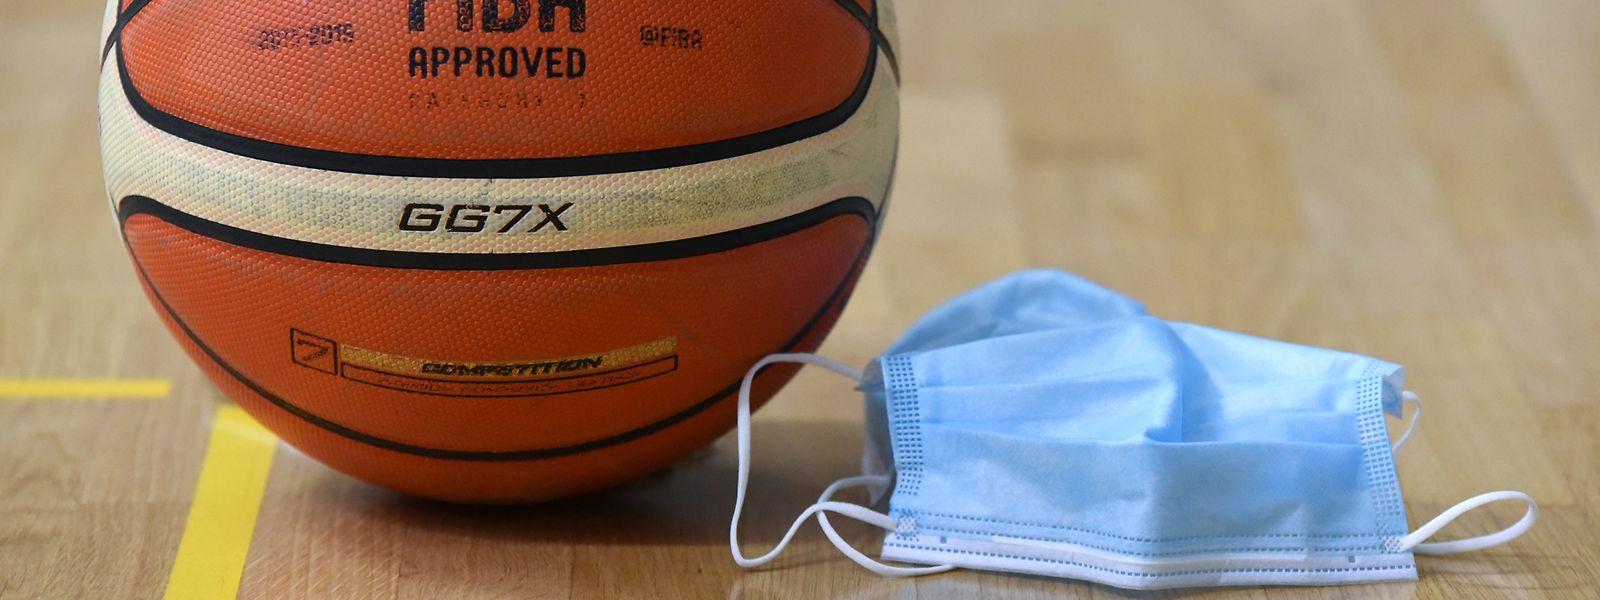 Die Basketballer blieben einige Wochen verschont, jetzt kann erstmals ein Total-League-Spiel wegen der Corona-Pandemie nicht ausgetragen werden.